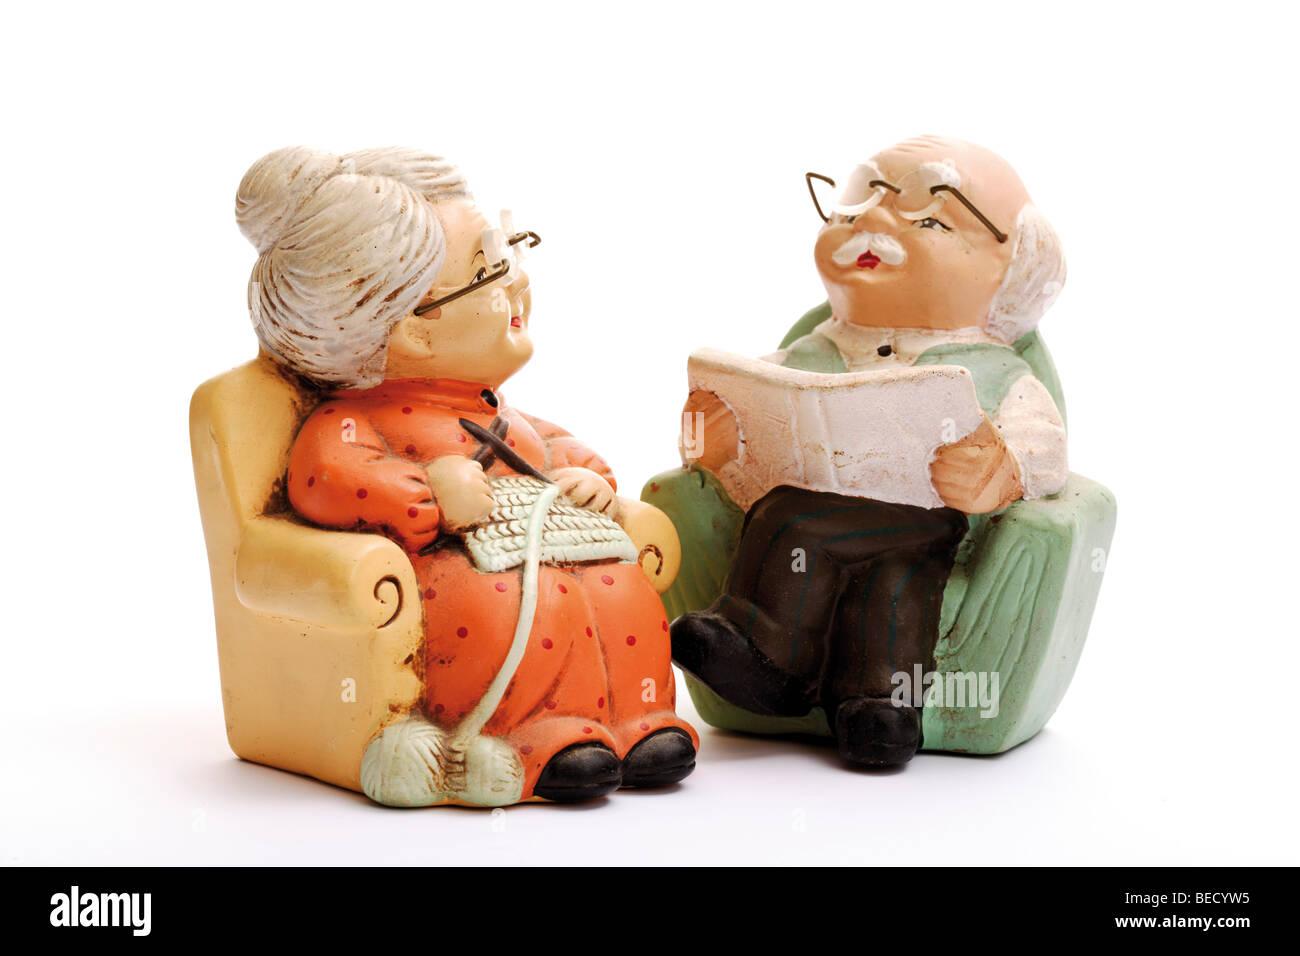 Nonno In Poltrona.Le Figure In Miniatura Dei Pensionati Mia Nonna E Mio Nonno